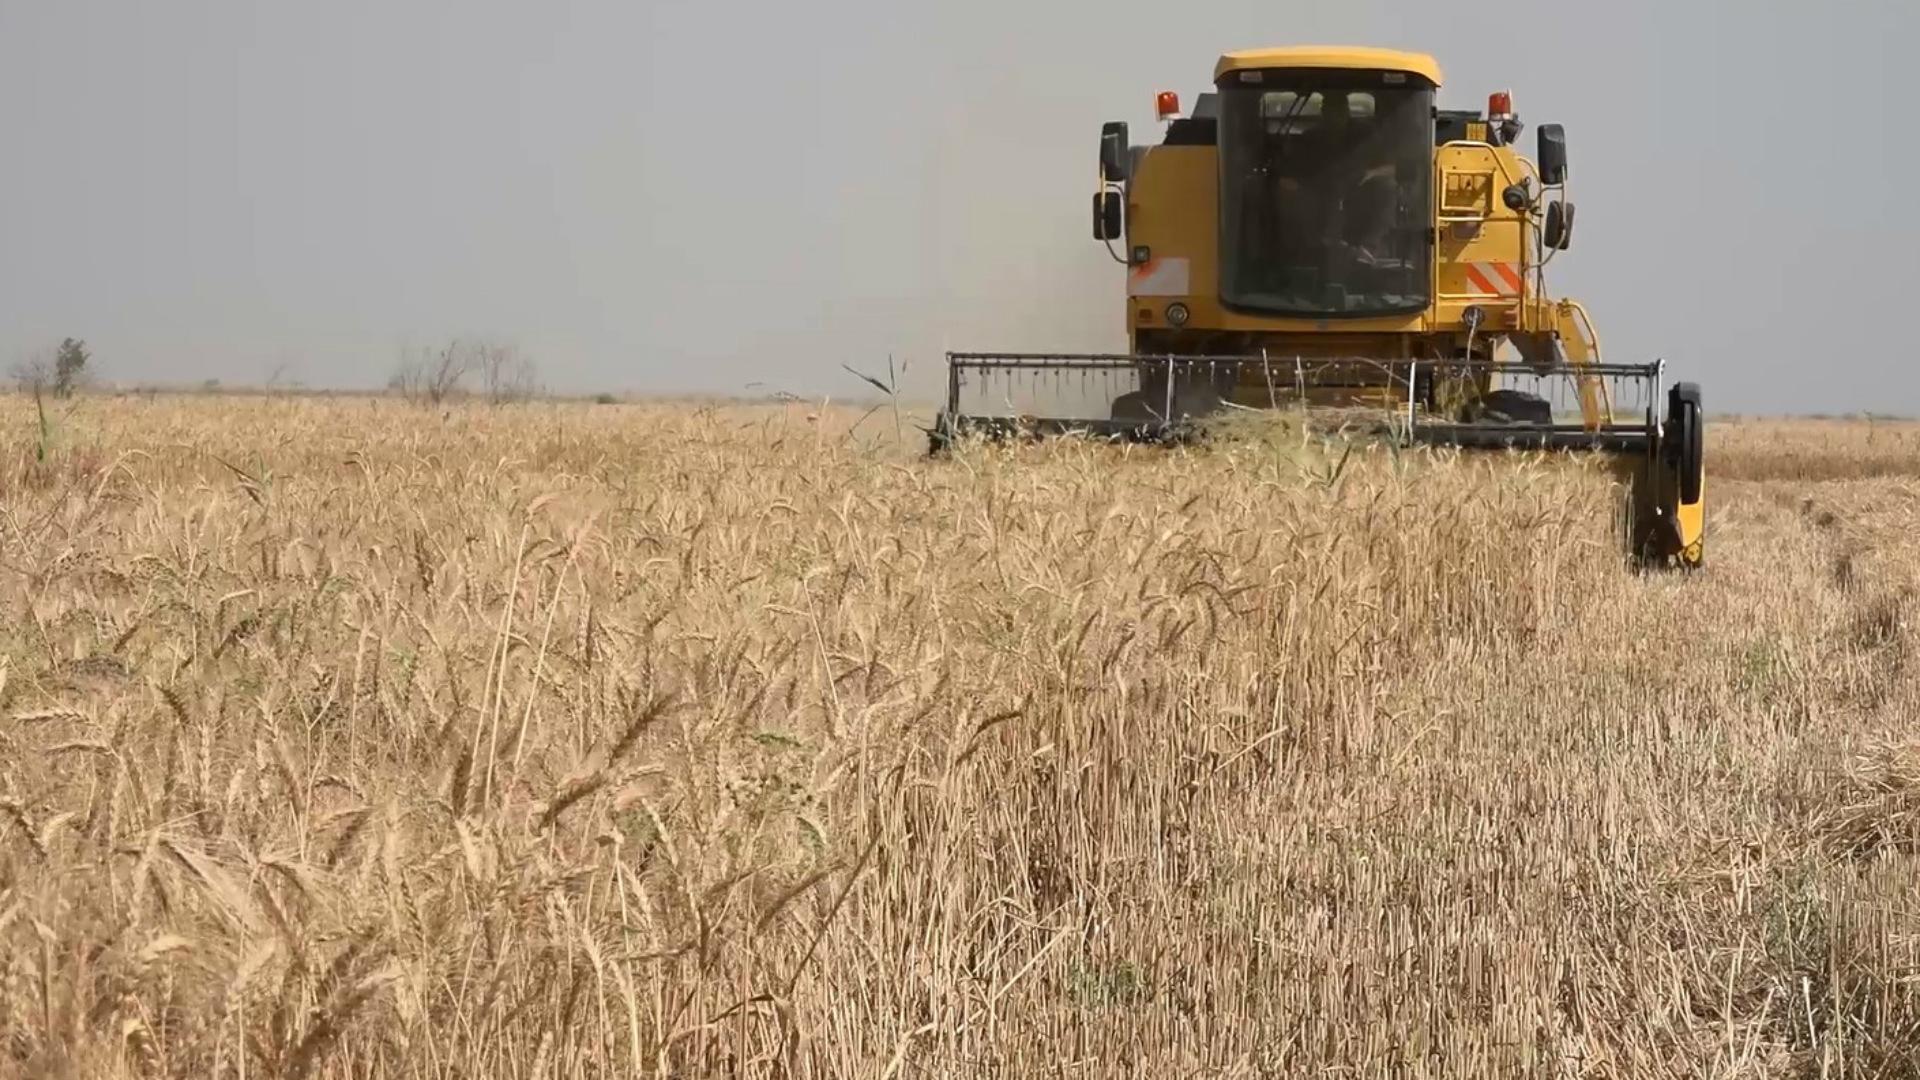 الاتحاد الأوروبي يمنح مساعدات لمزارعي نينوى بقيمة 15 مليون يورو